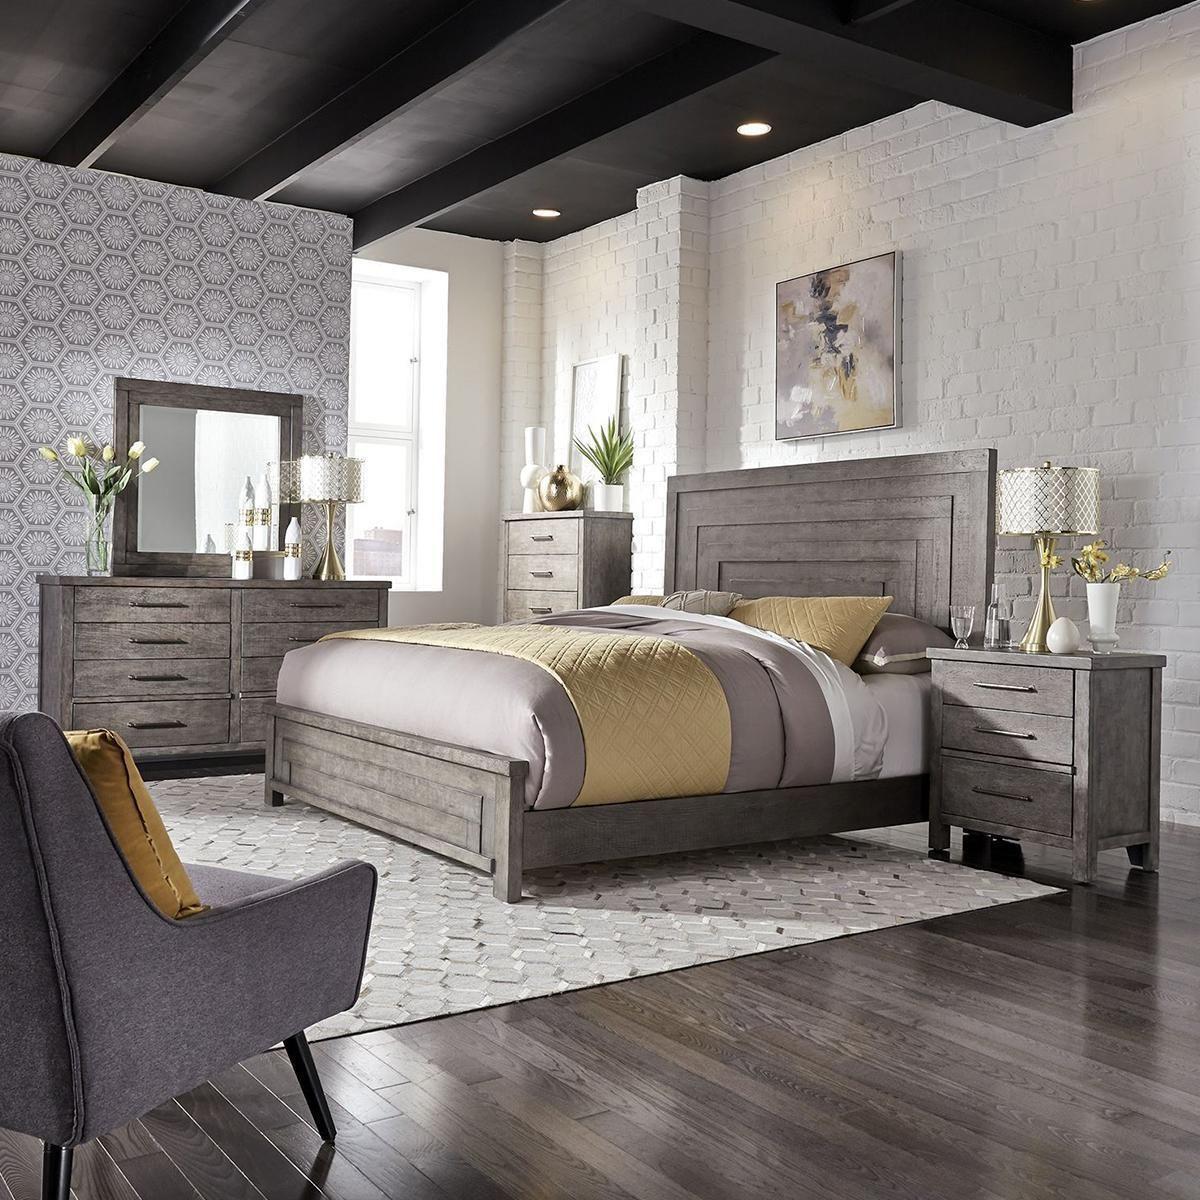 Belle Furnishings Modern Farmhouse King Bed in Dusty